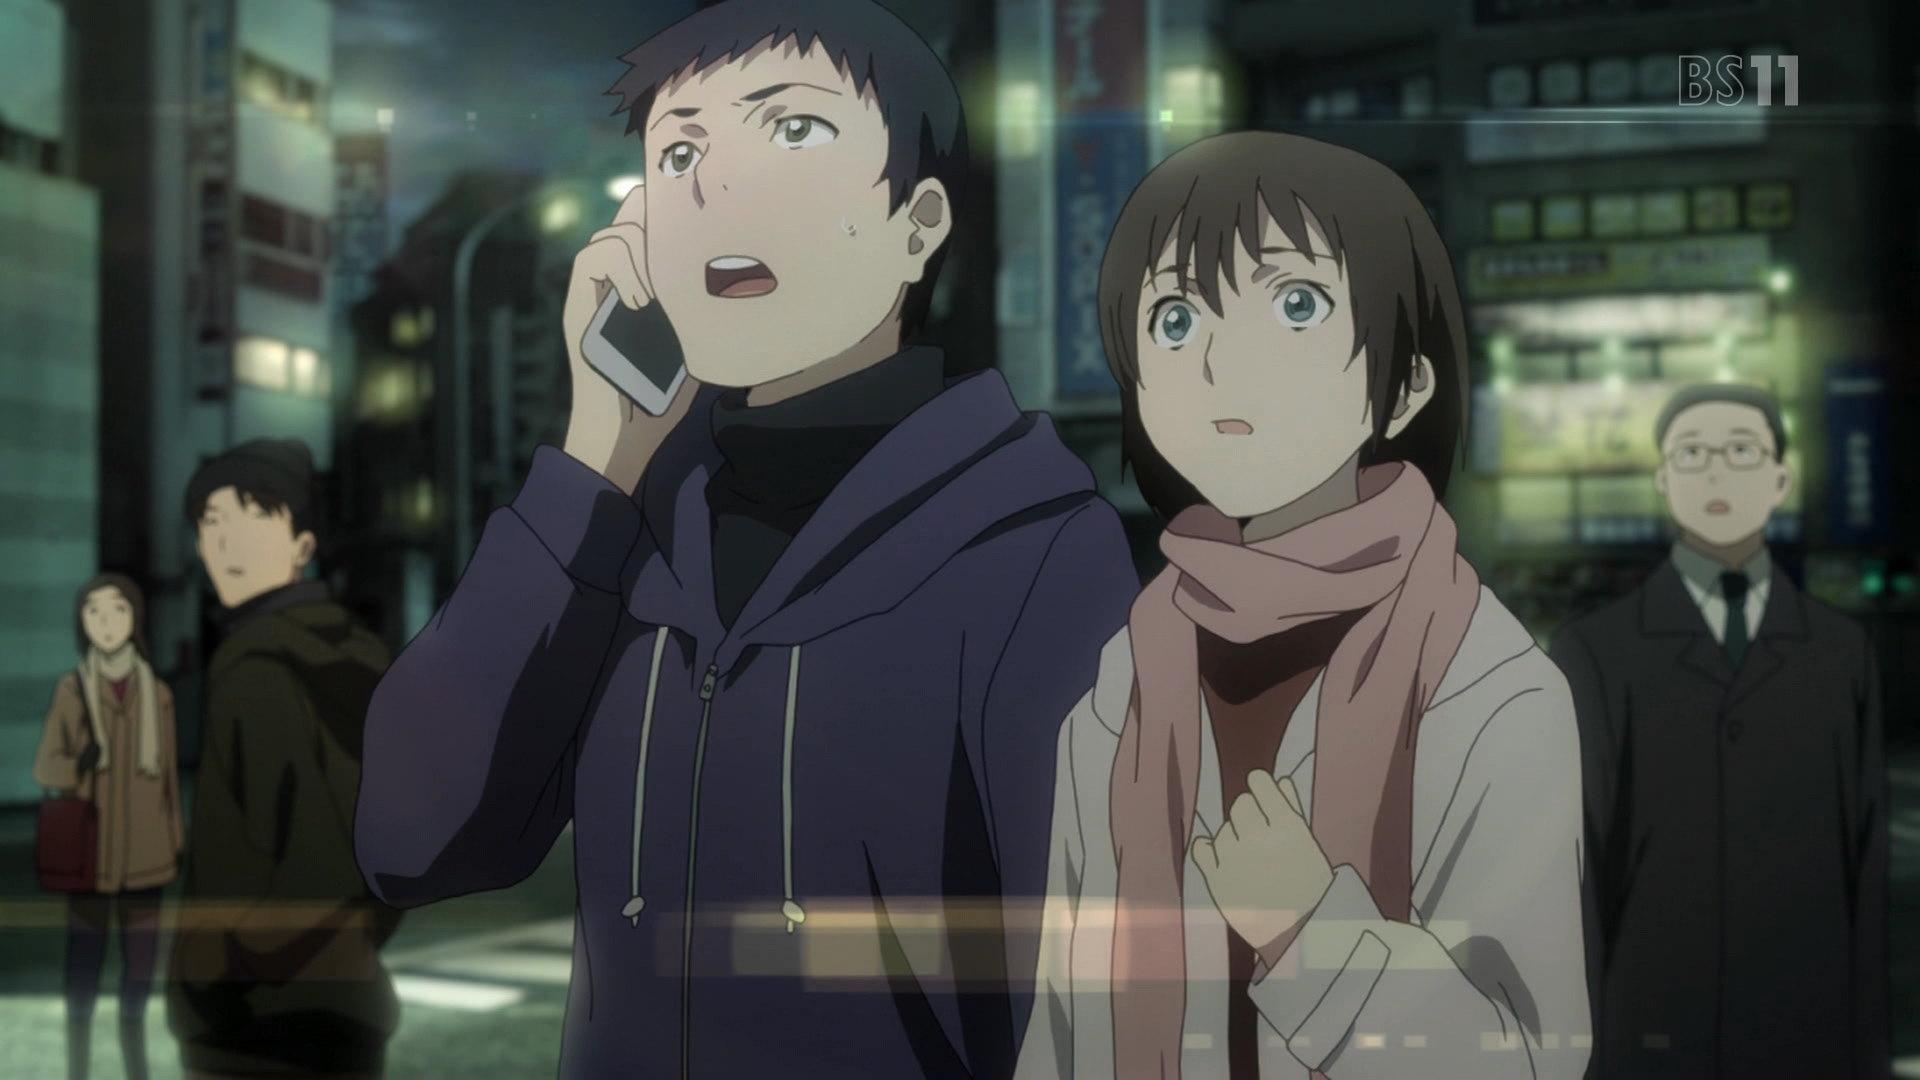 【春アニメ】『Re:CREATORS(レクリエイターズ)』1話、そこそこに面白くなりそうなオーラありっ!!!!